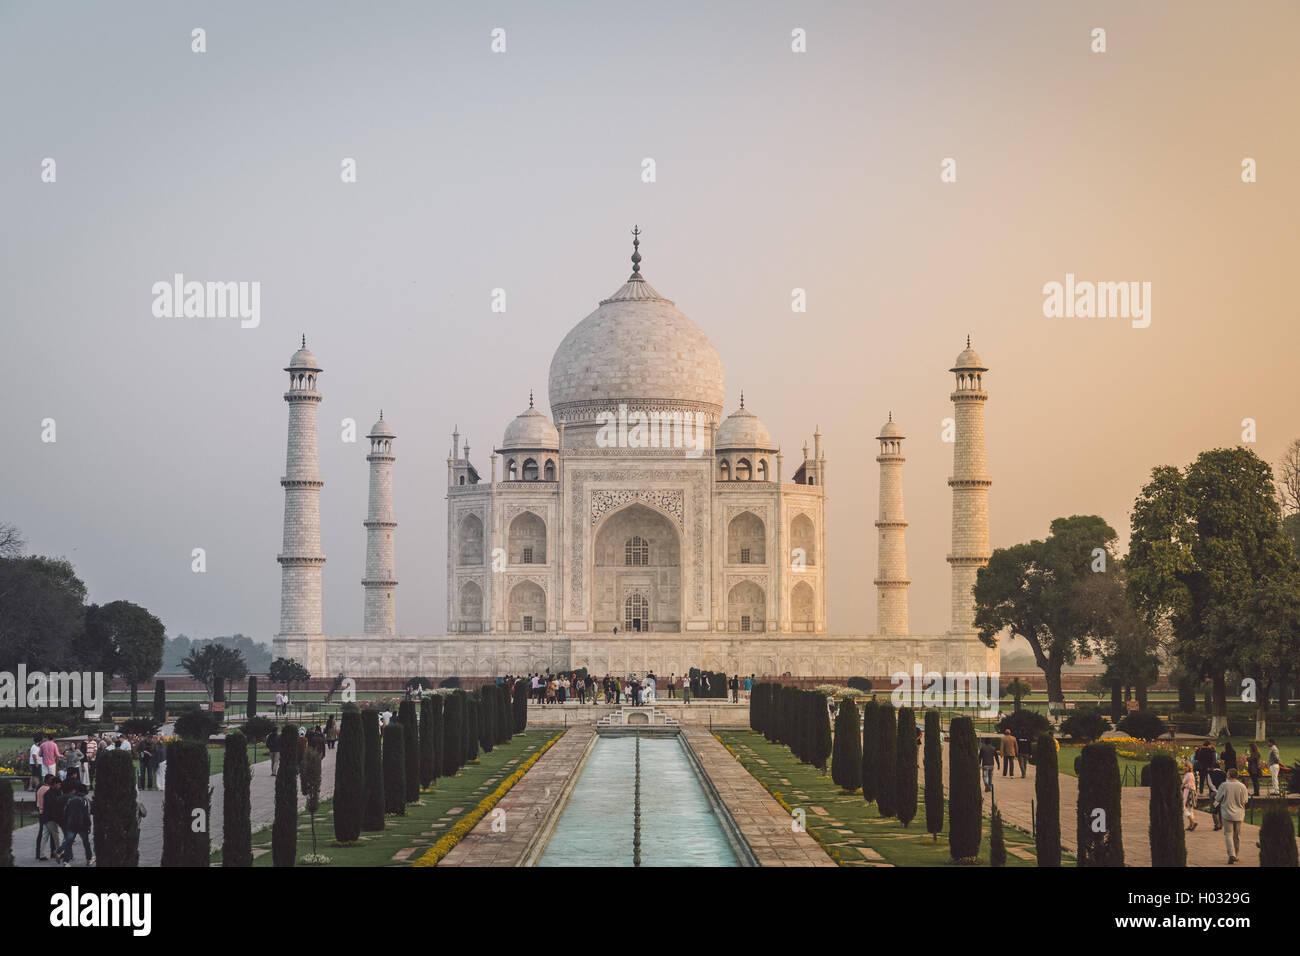 AGRA, Indien - 28. Februar 2015: Ansicht des Taj Mahal vor dem großen Tor. Südseite. Nachbearbeitet mit Stockbild